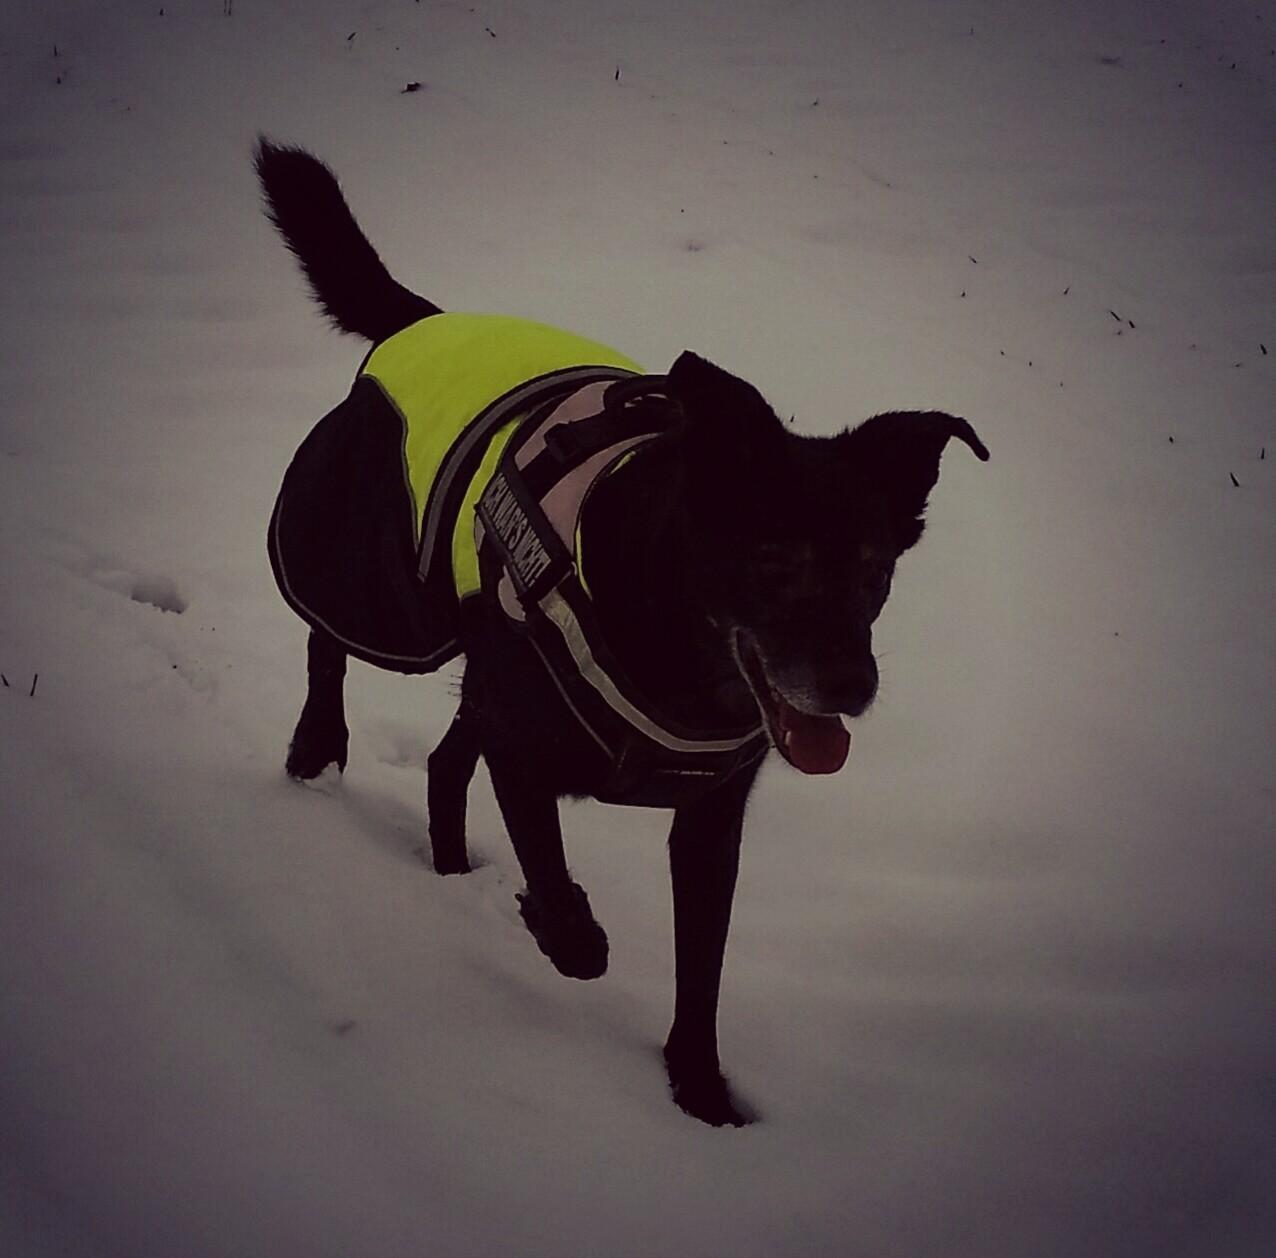 Hund mit reflektierender Decke mit integrierten Leuchtelementen